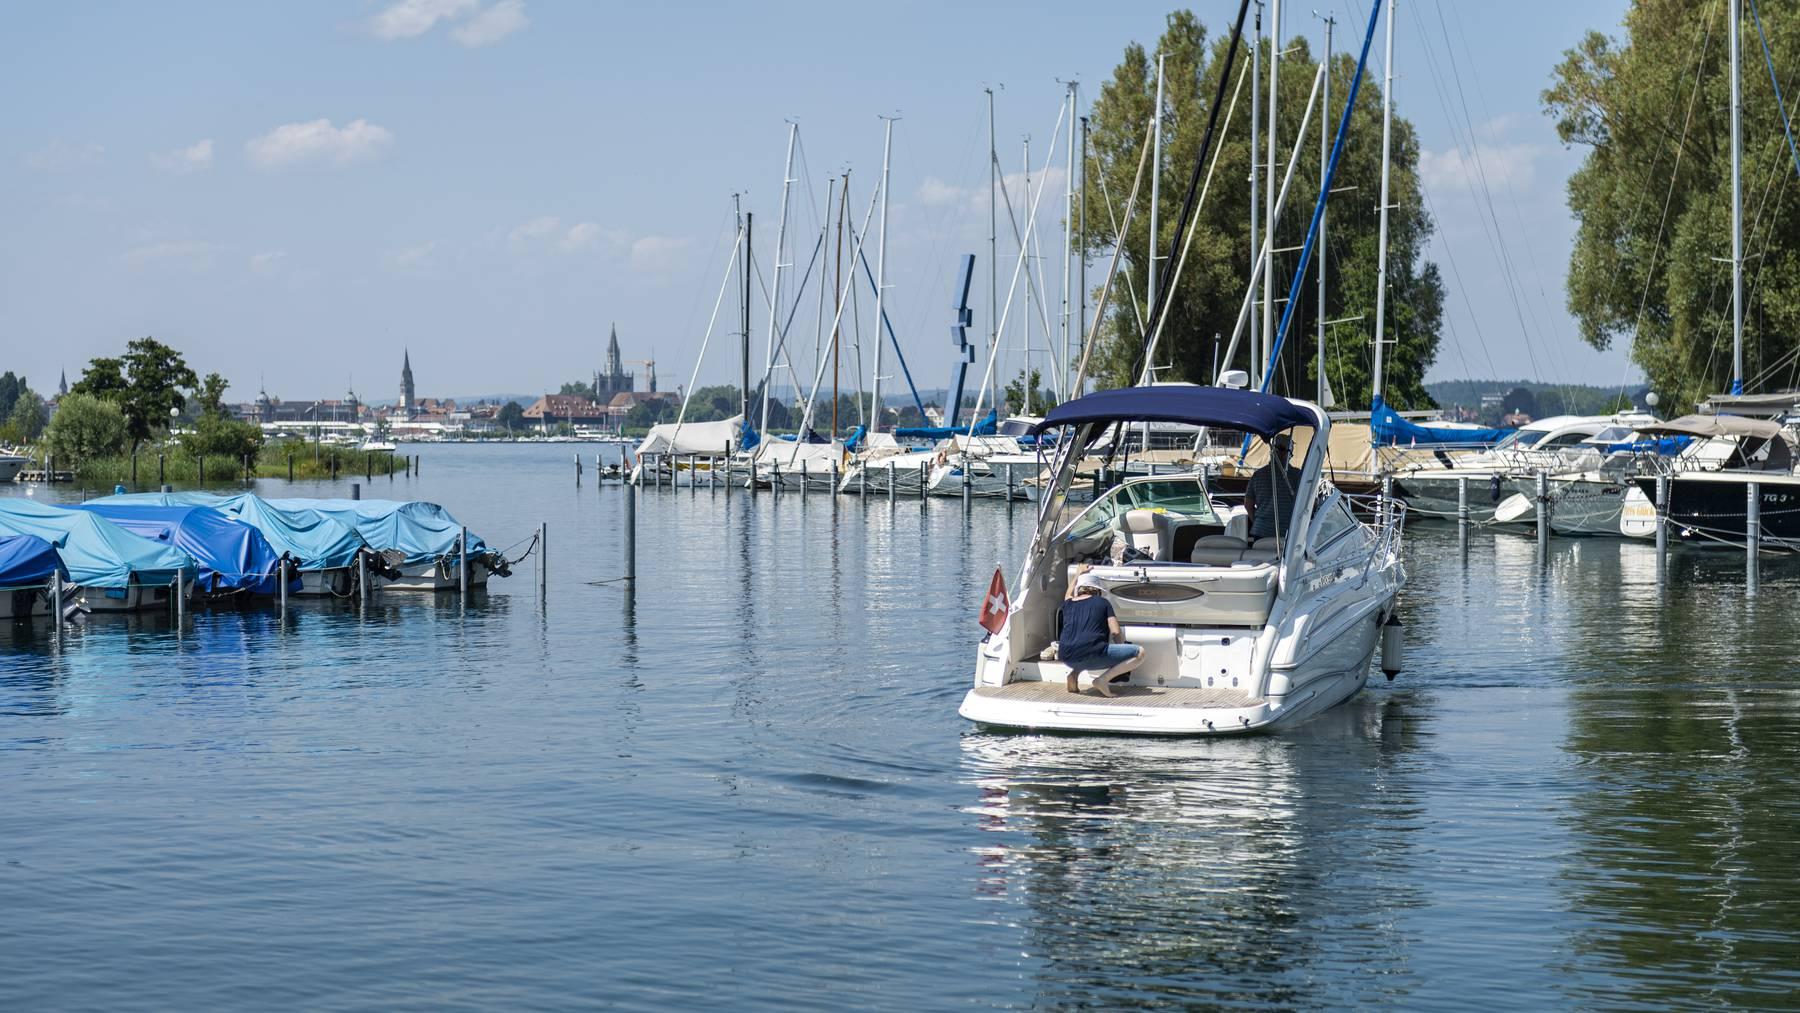 Das Wetter bleibt in den nächsten Tagen sonnig und warm – ideal um Zeit auf oder am Bodensee zu verbringen.